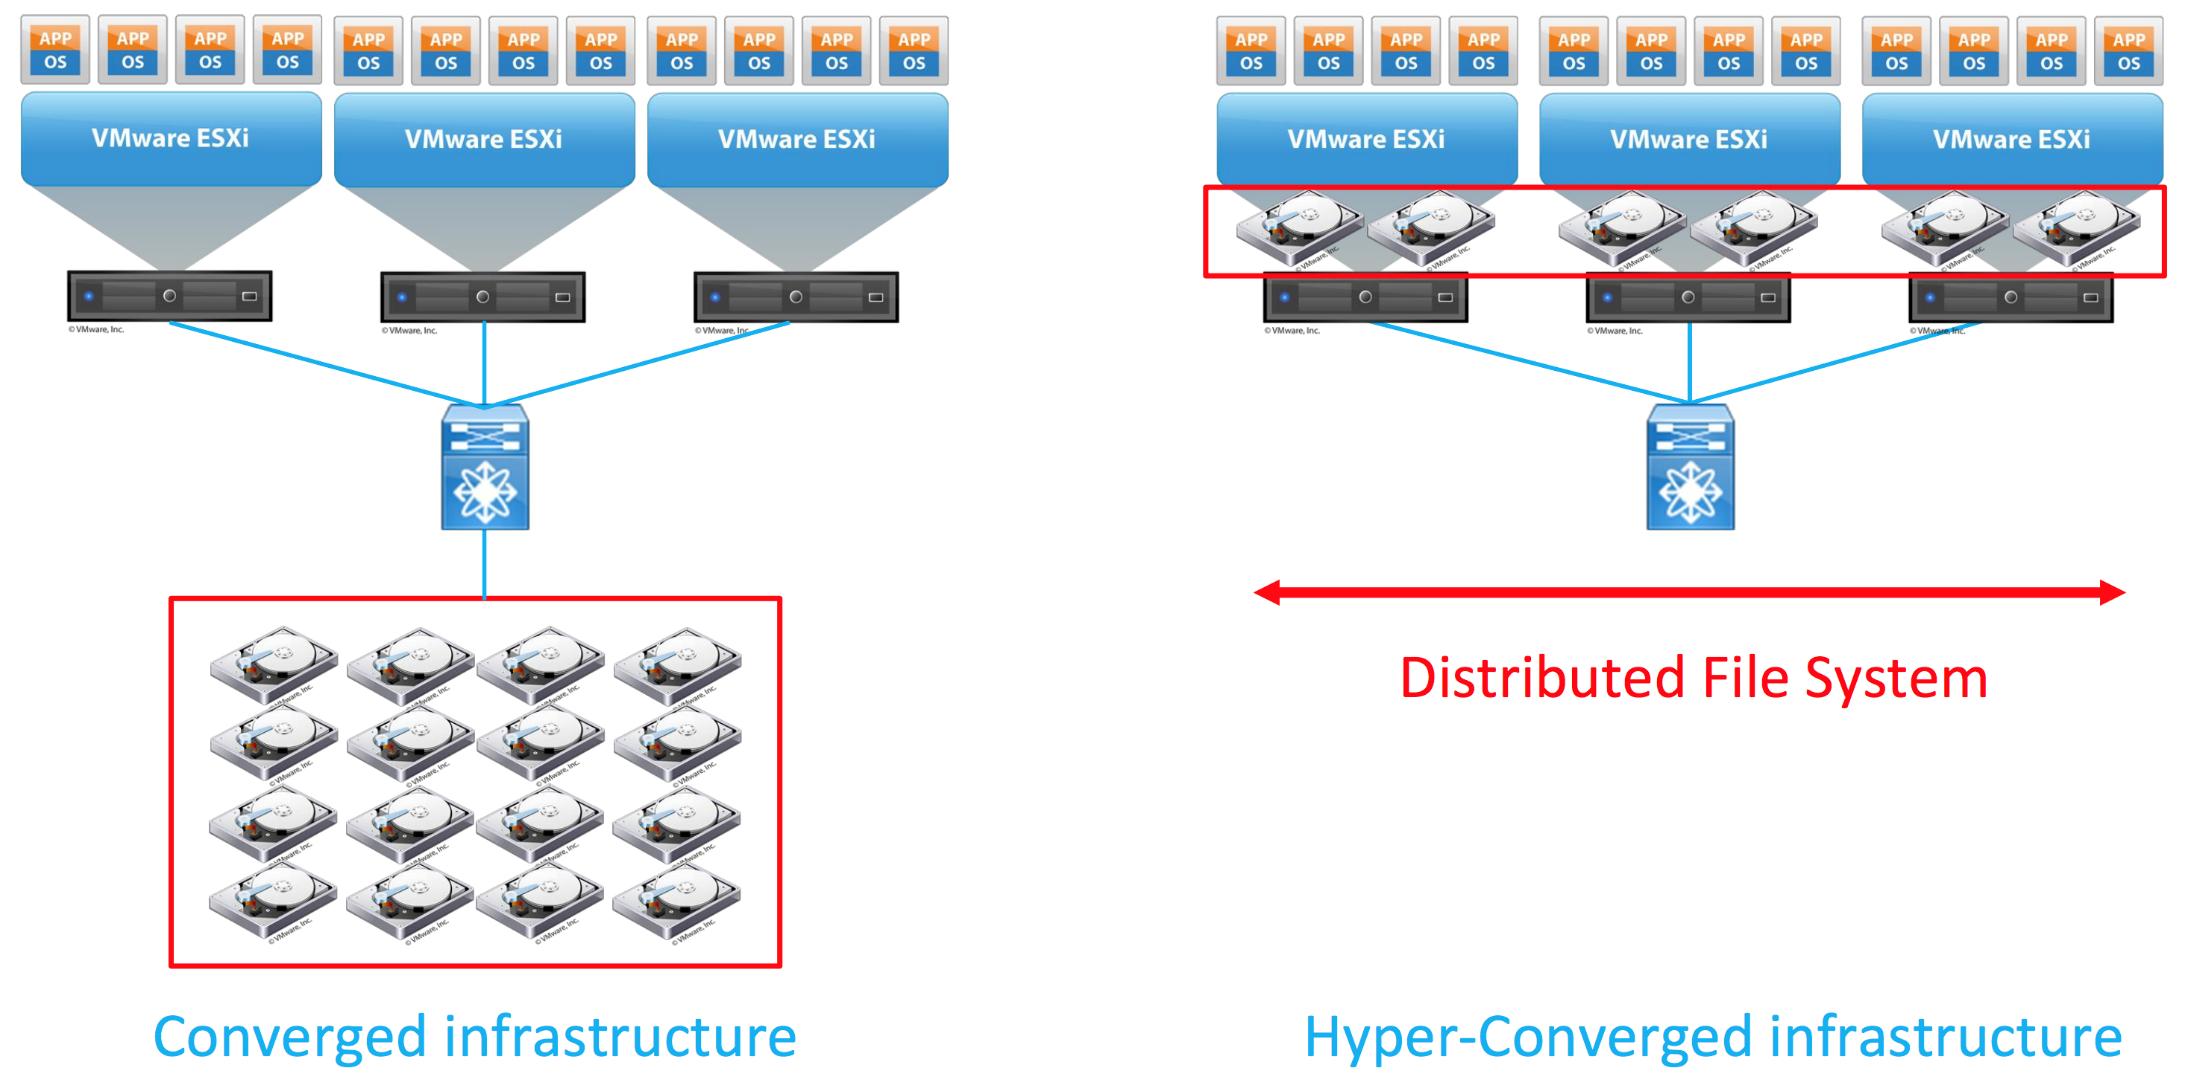 Infrastruttura datacenter l'enterprise storage - Edist